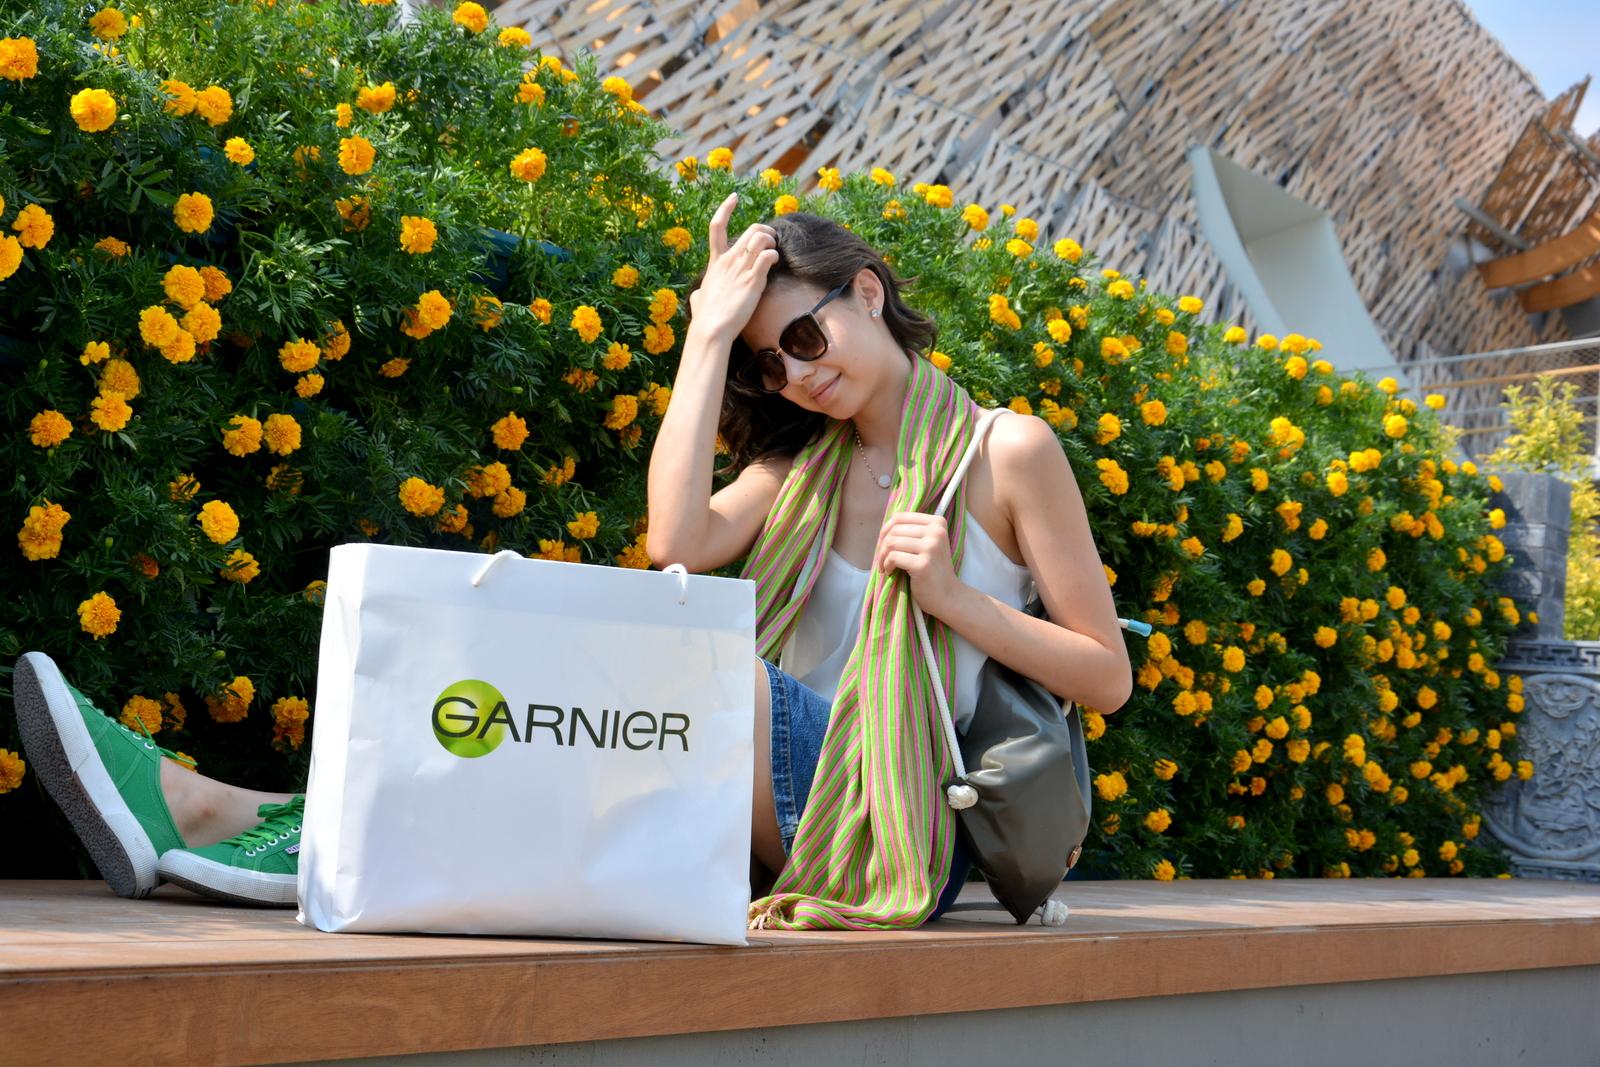 #ExpoExperience #BloggerItalia  #LeRicetteGarnier